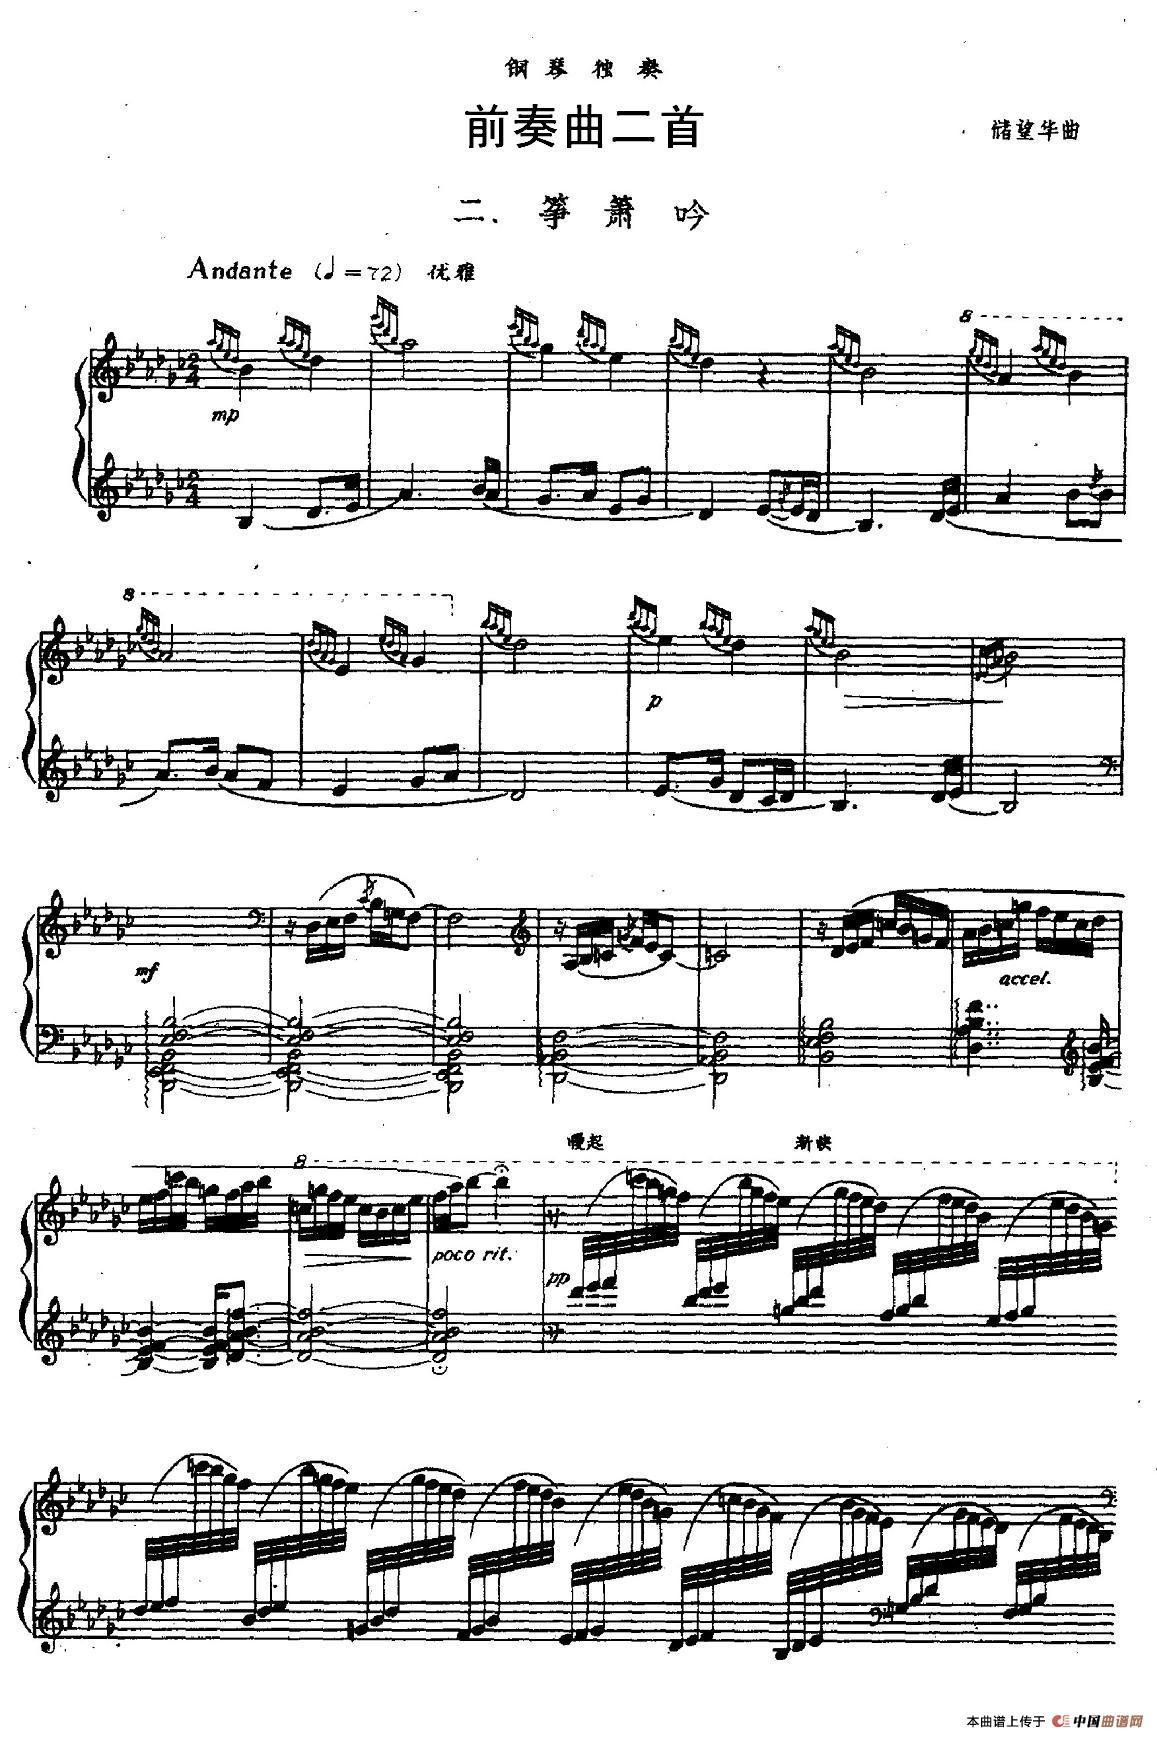 筝箫吟钢琴谱